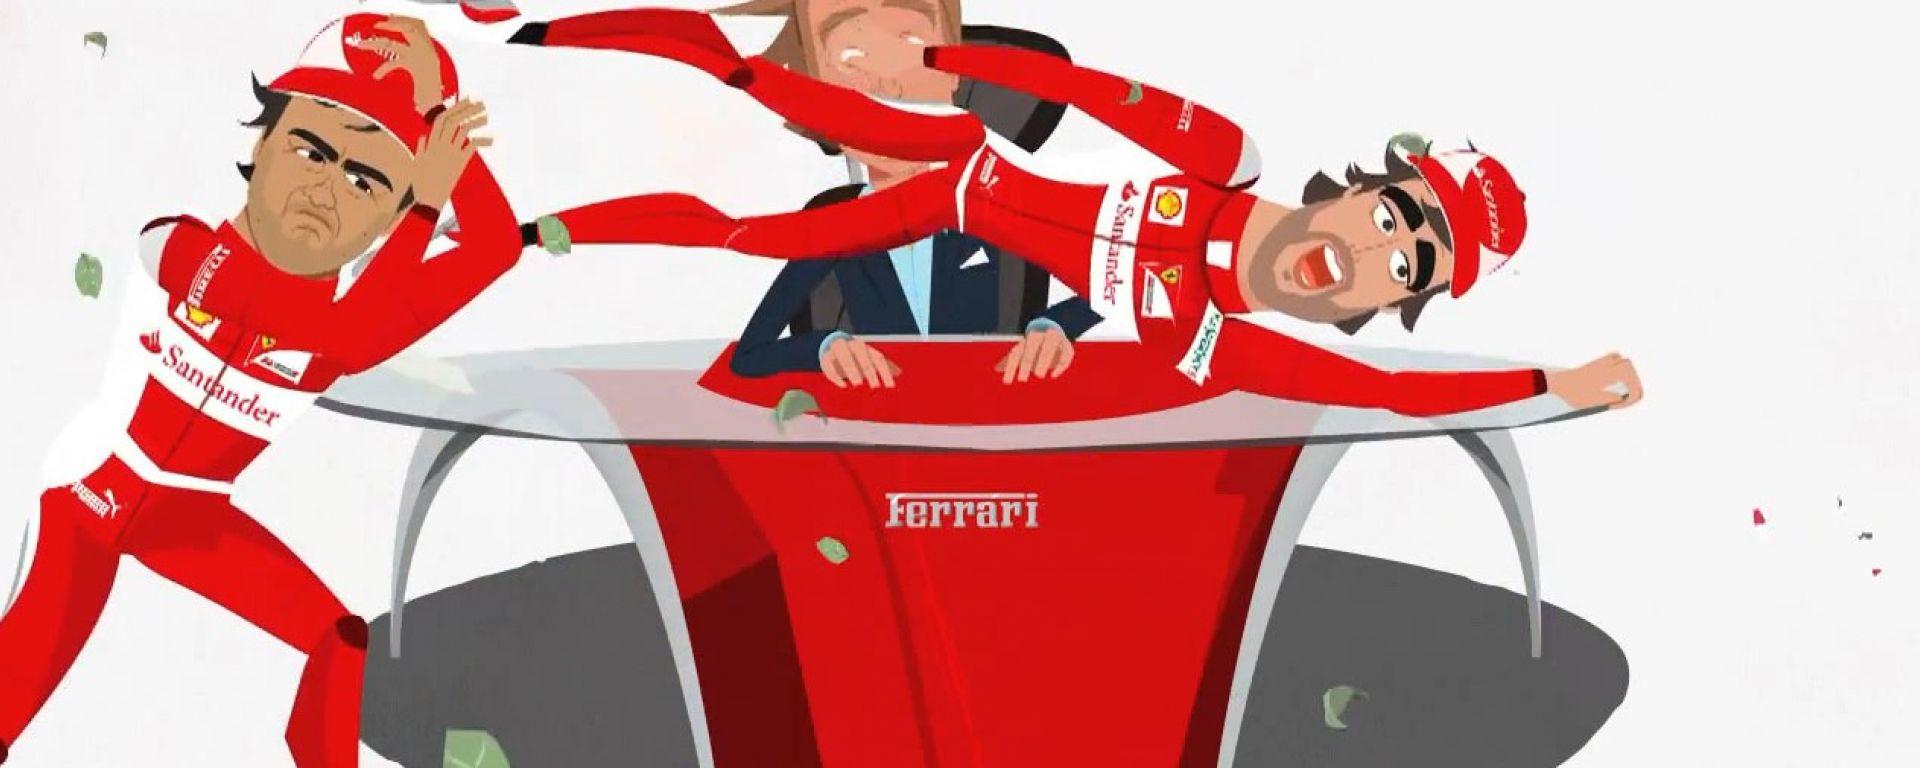 Ferrari: un cartoon per festeggiare i 10 milioni di fans su FB